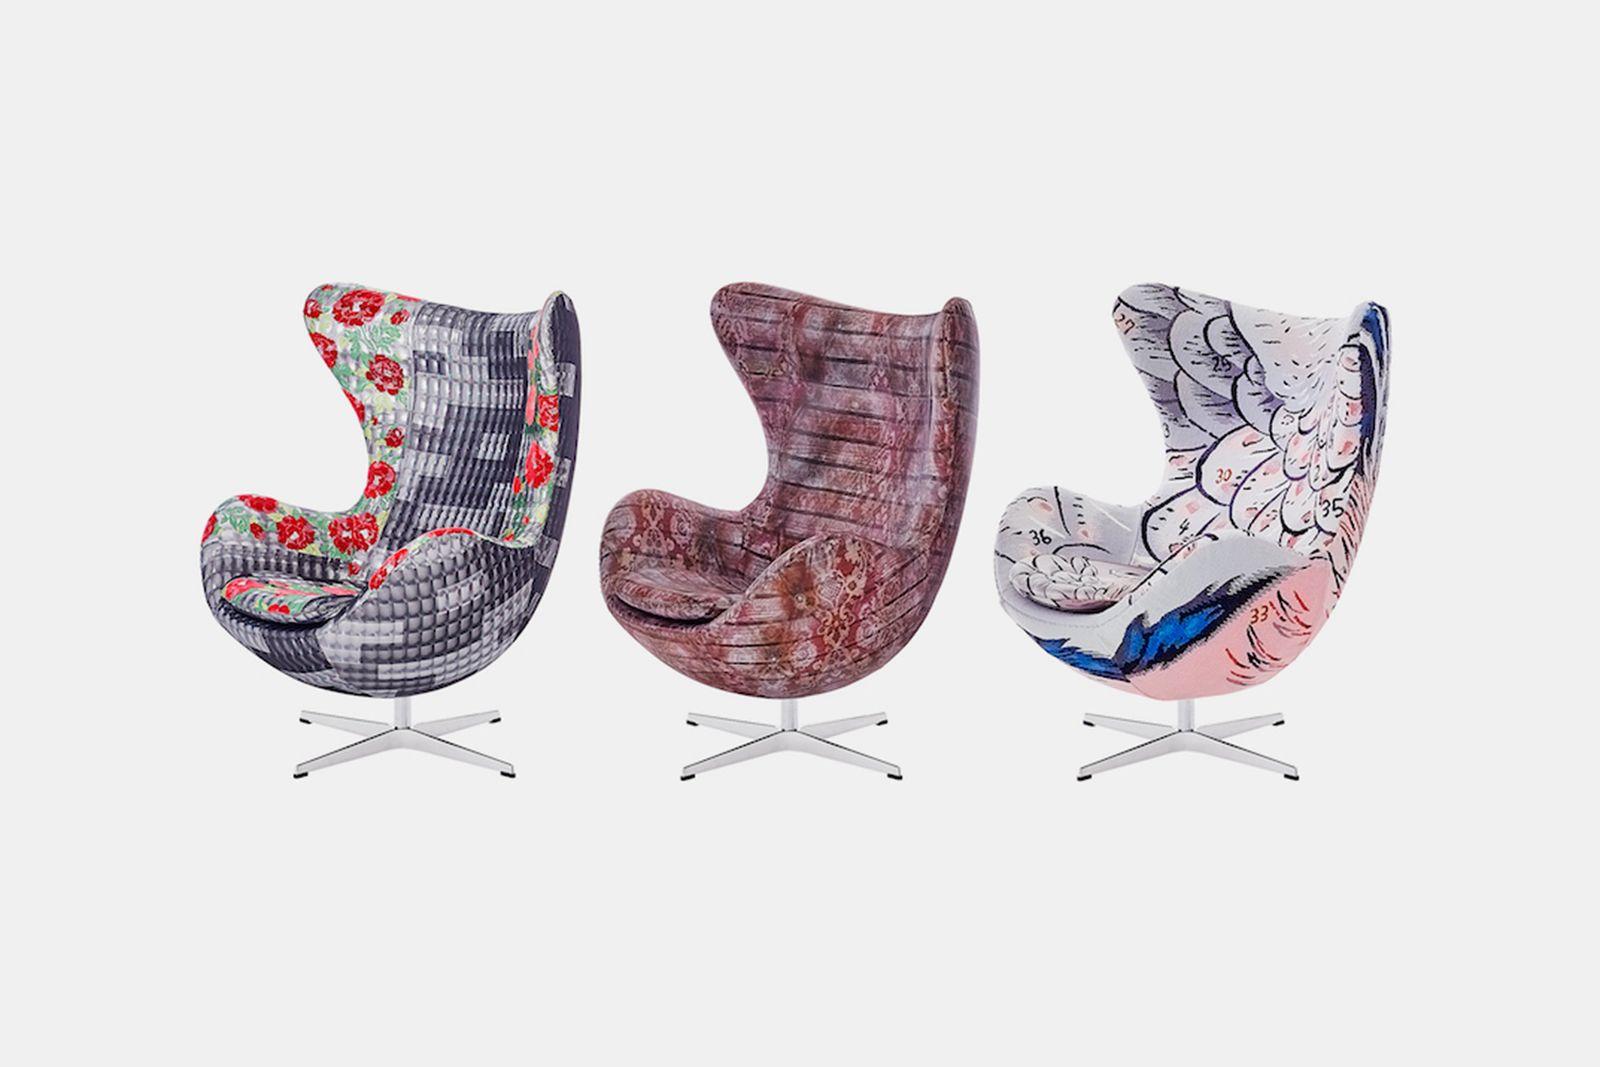 fritz hansen egg chair kawashima textile celcon Aoki Akiko Ino Masayuki Taro Horiuchi